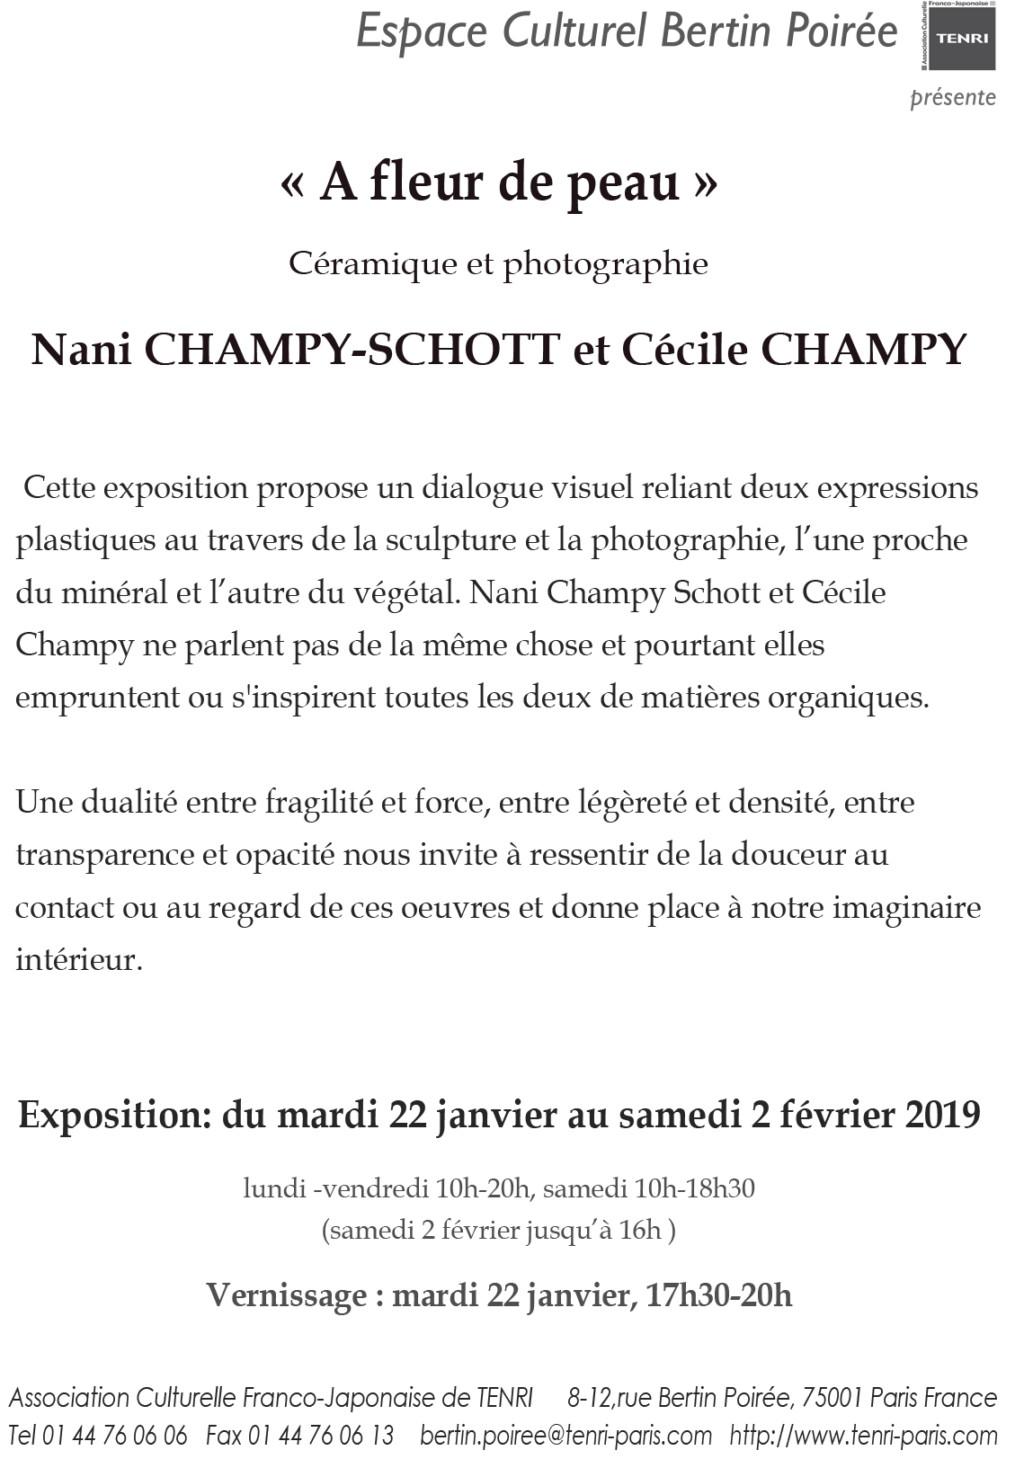 Nani Champy Schott Actualité